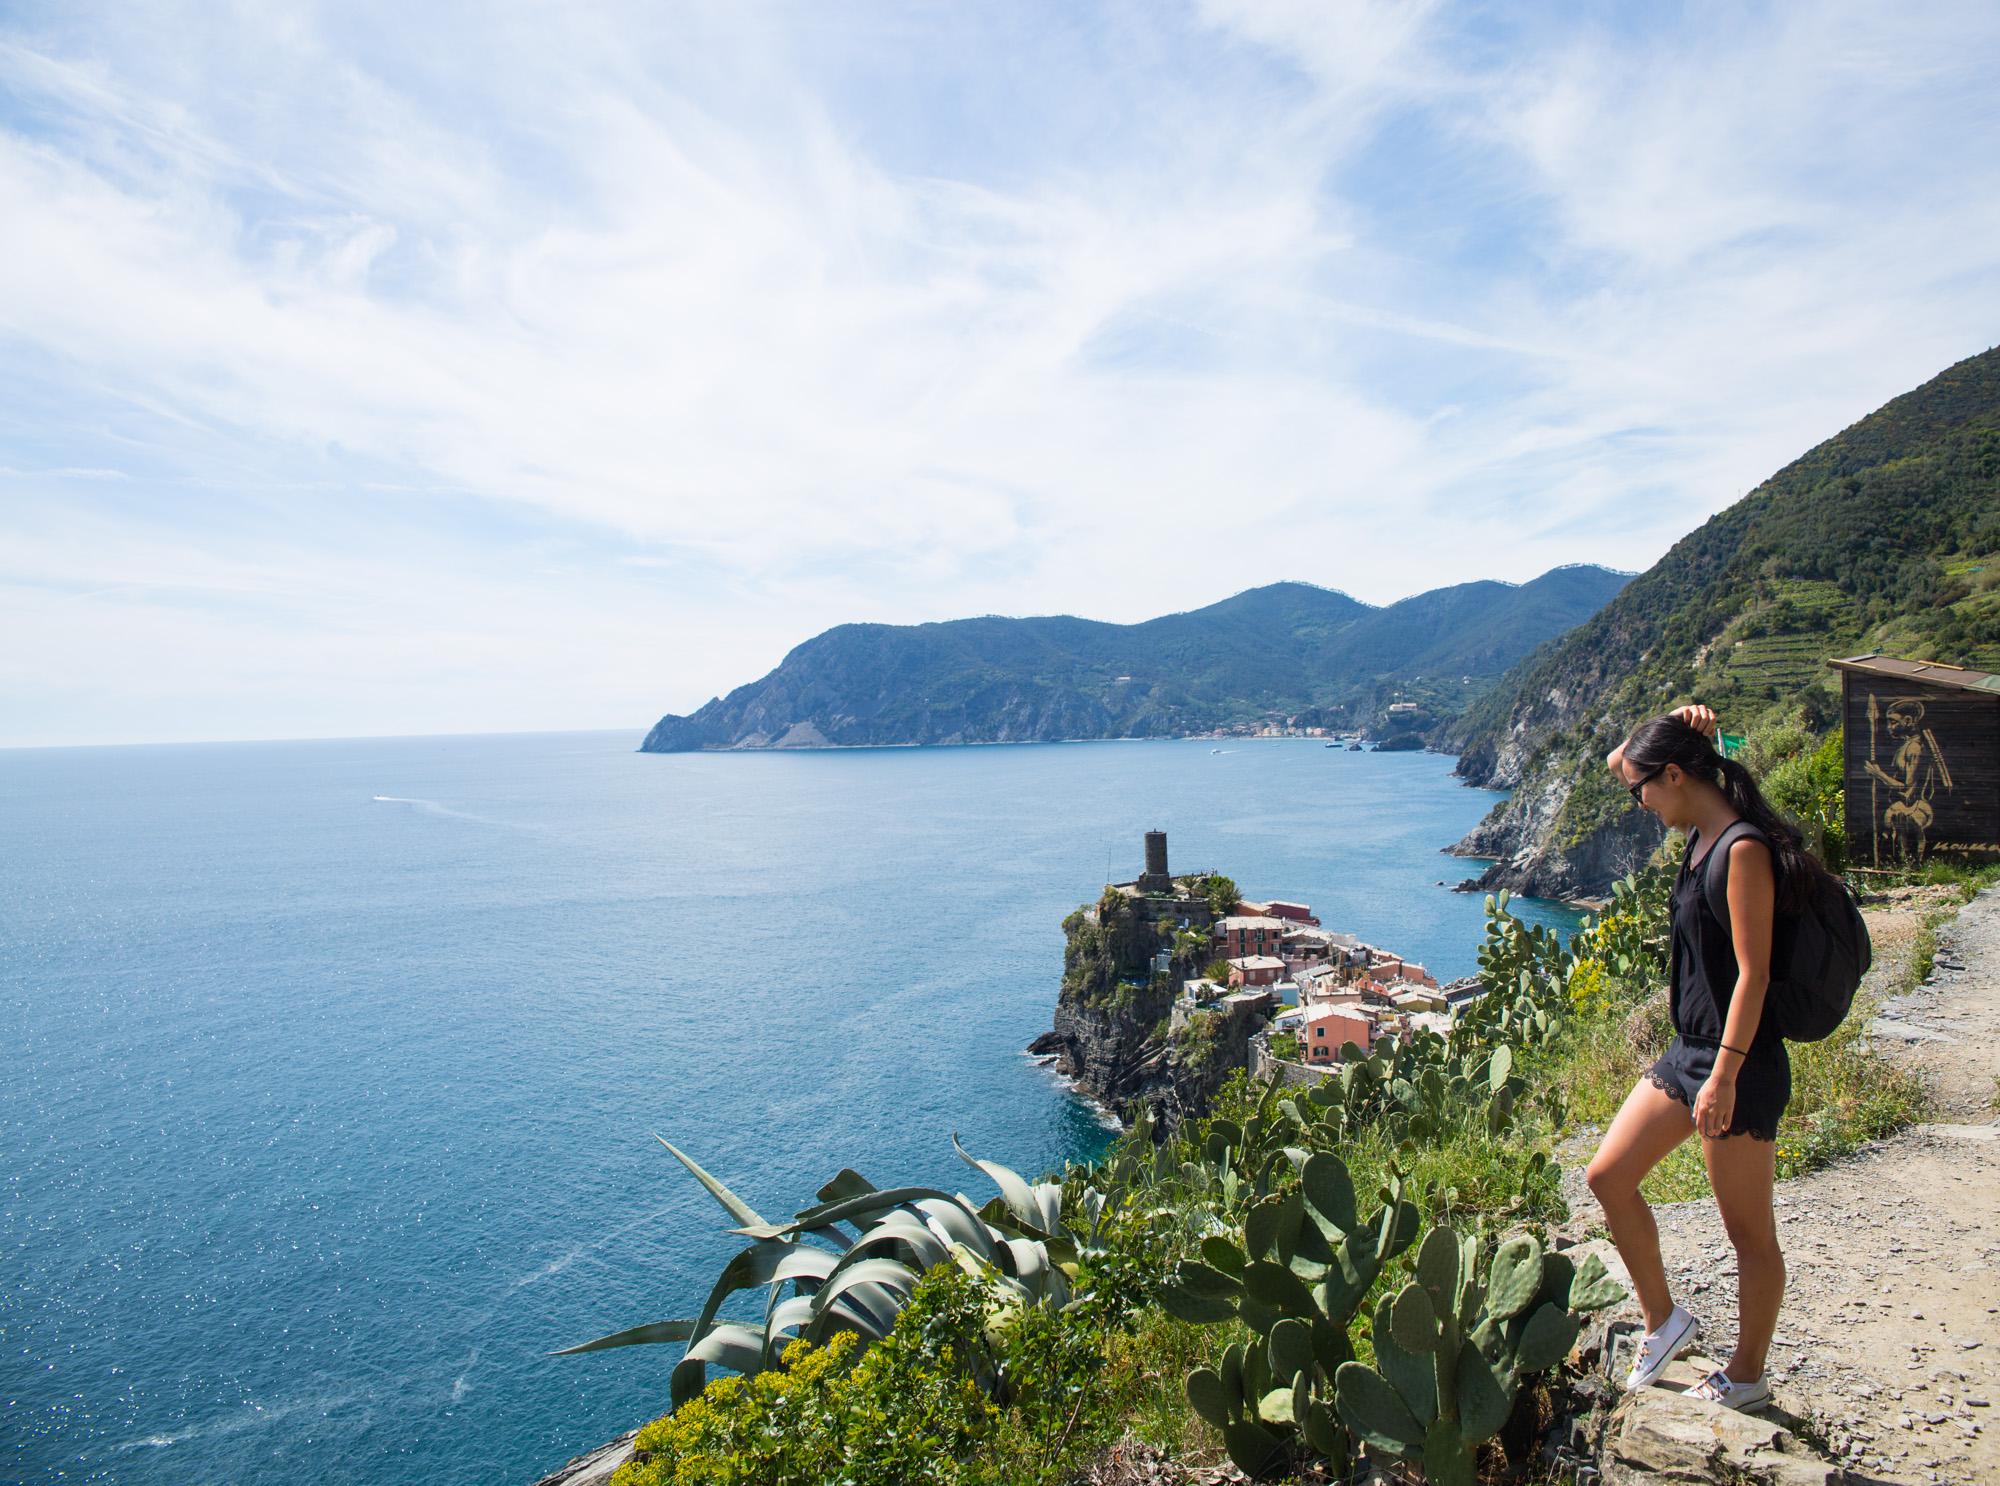 I spent April 2017 living in Riomaggiore, a small town in the Cinque Terre in the Liguria region of Italy.